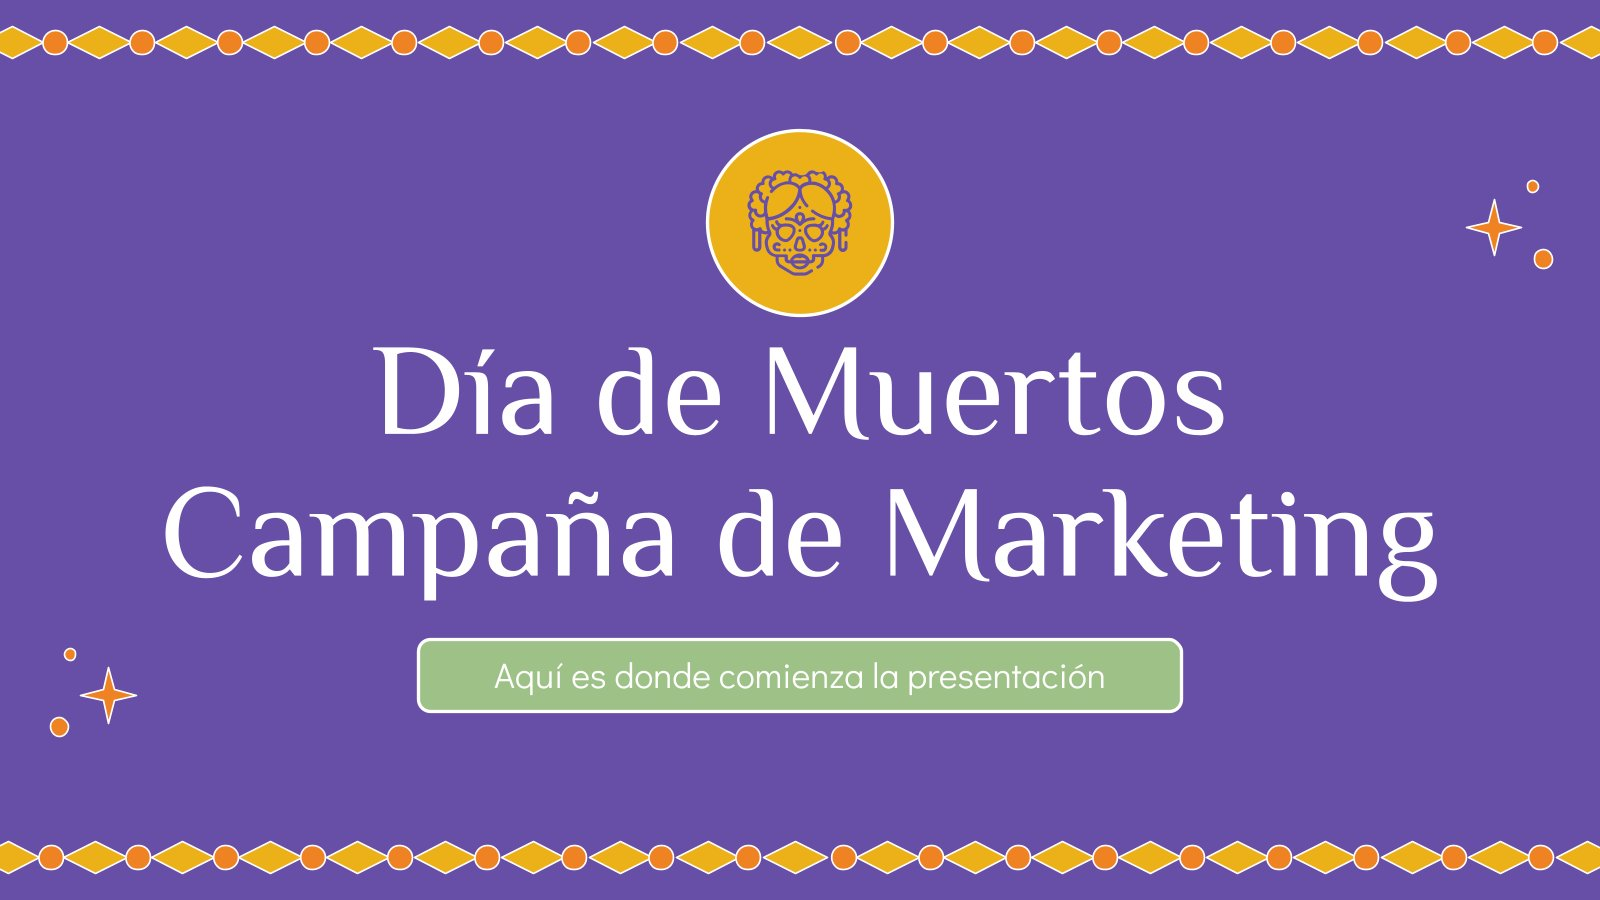 Plantilla de presentación Campaña de marketing para Día de Muertos